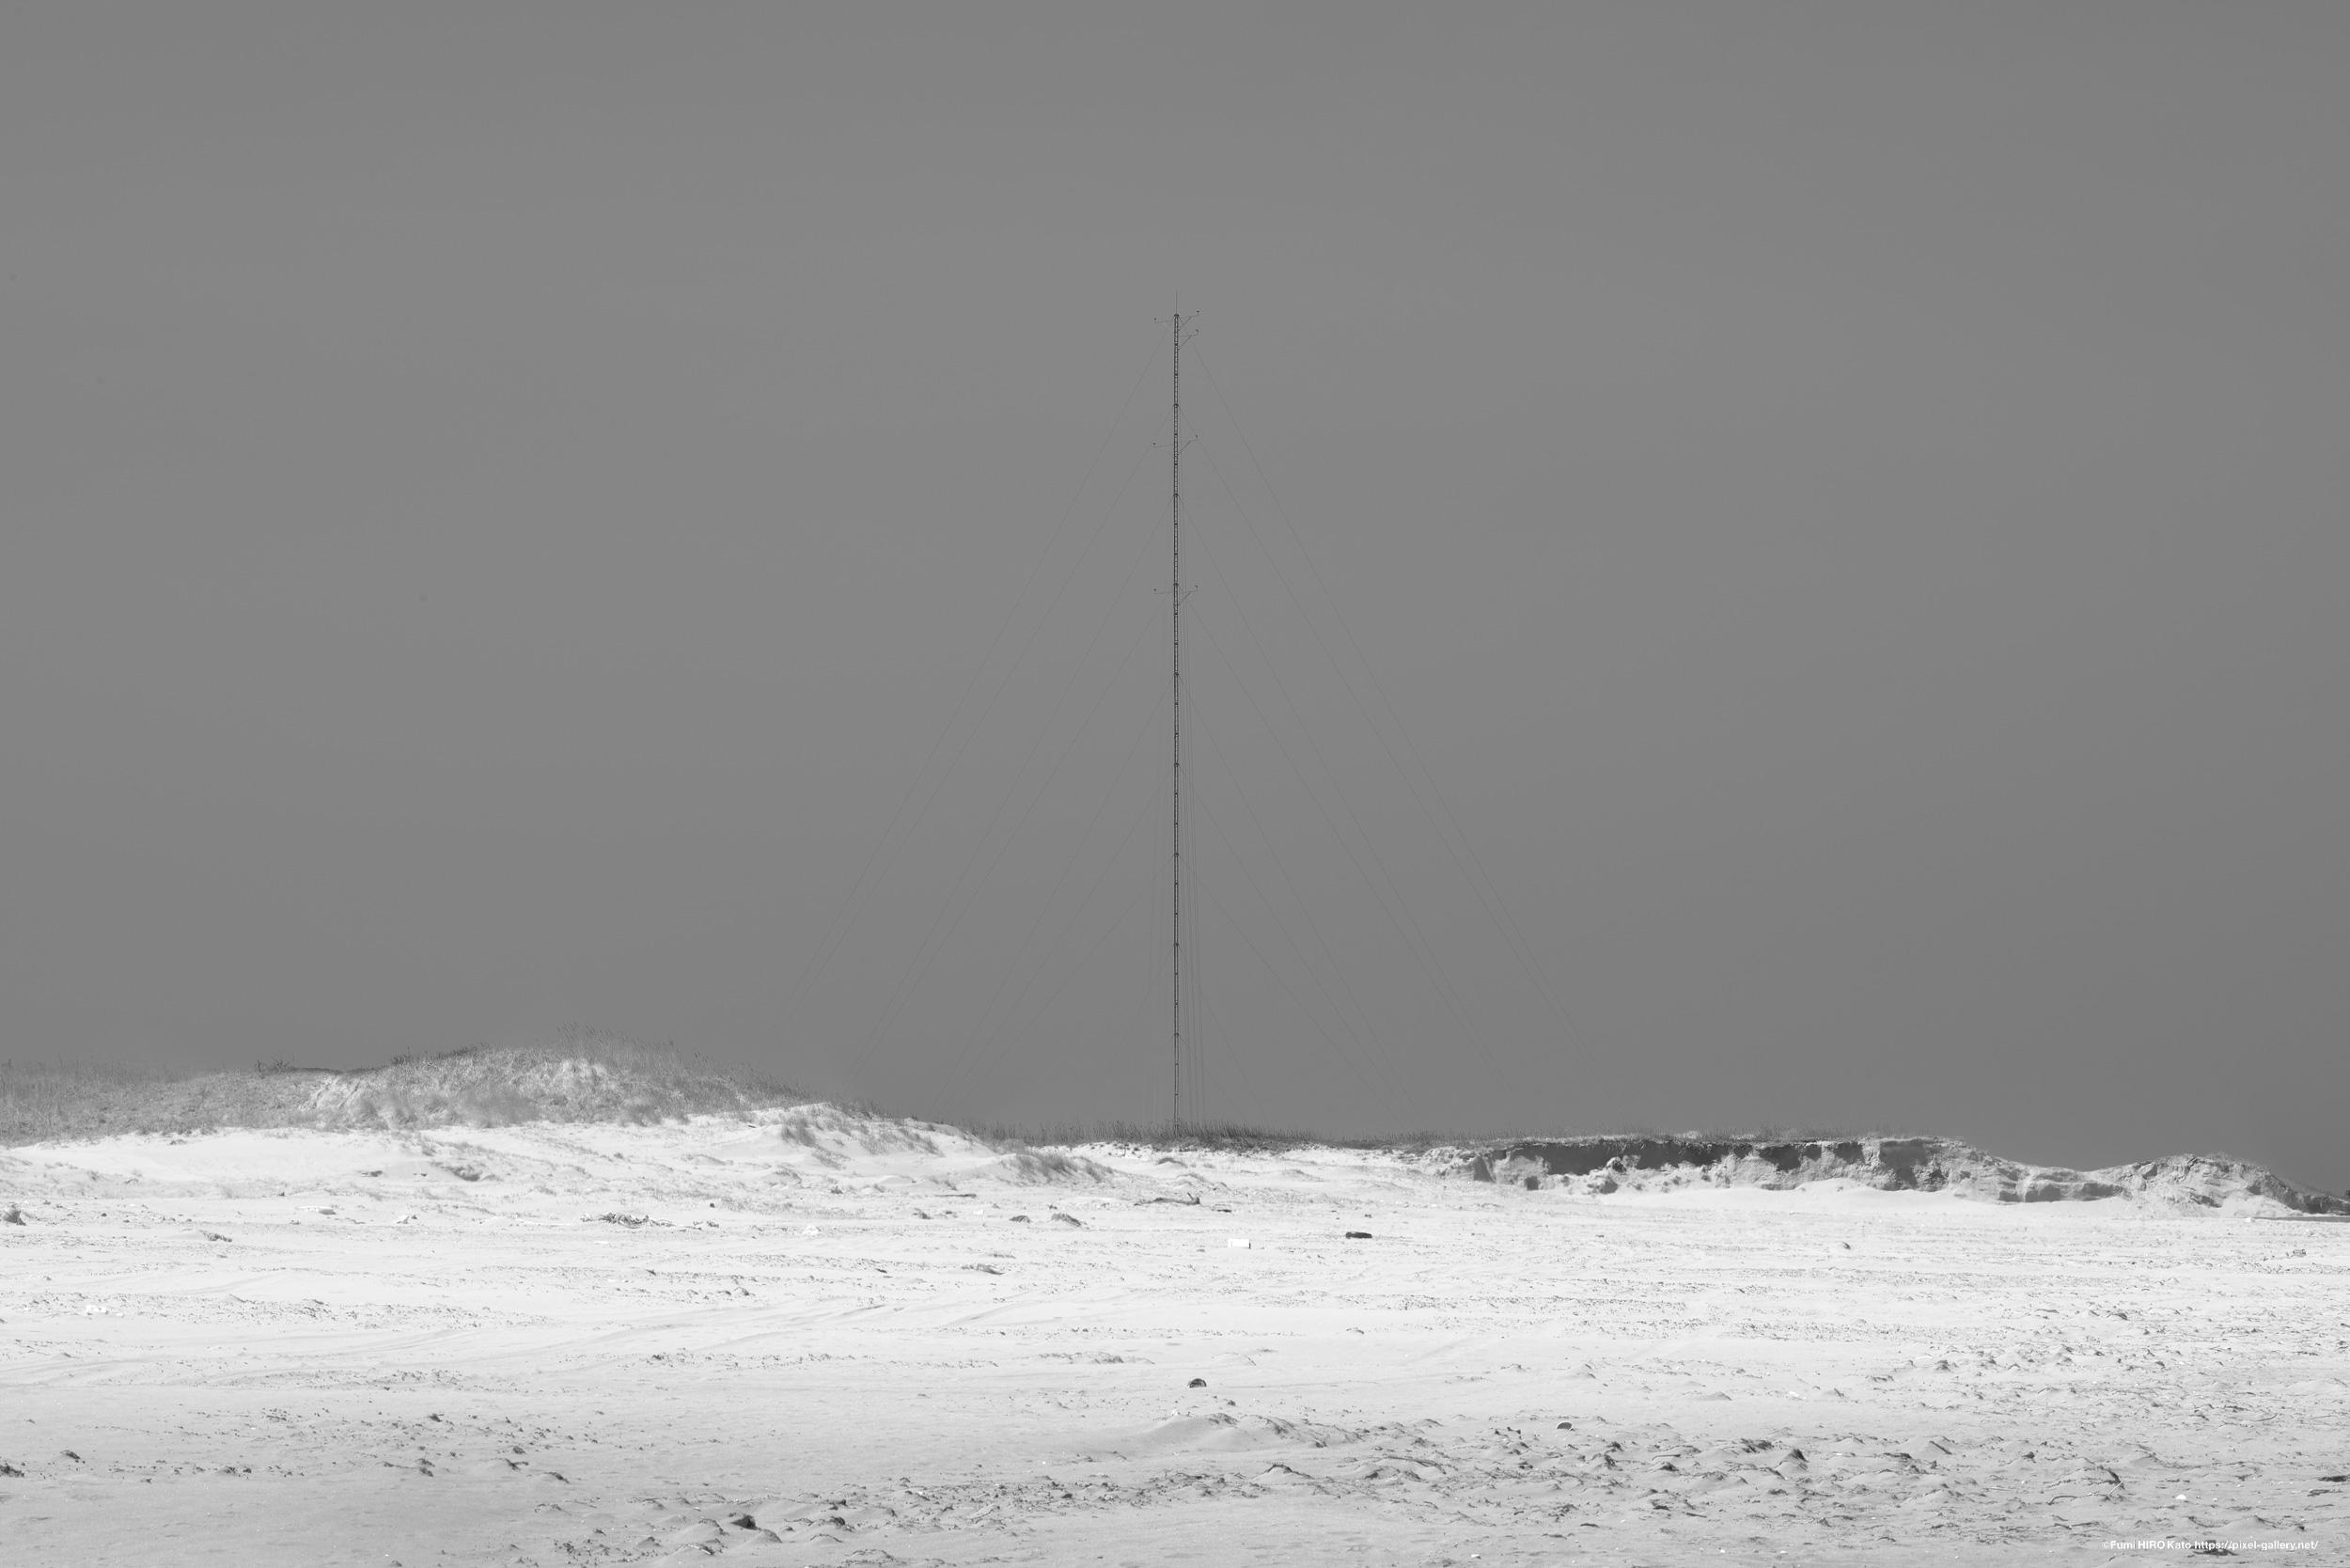 七歳、新潟、砂の記憶 19-006